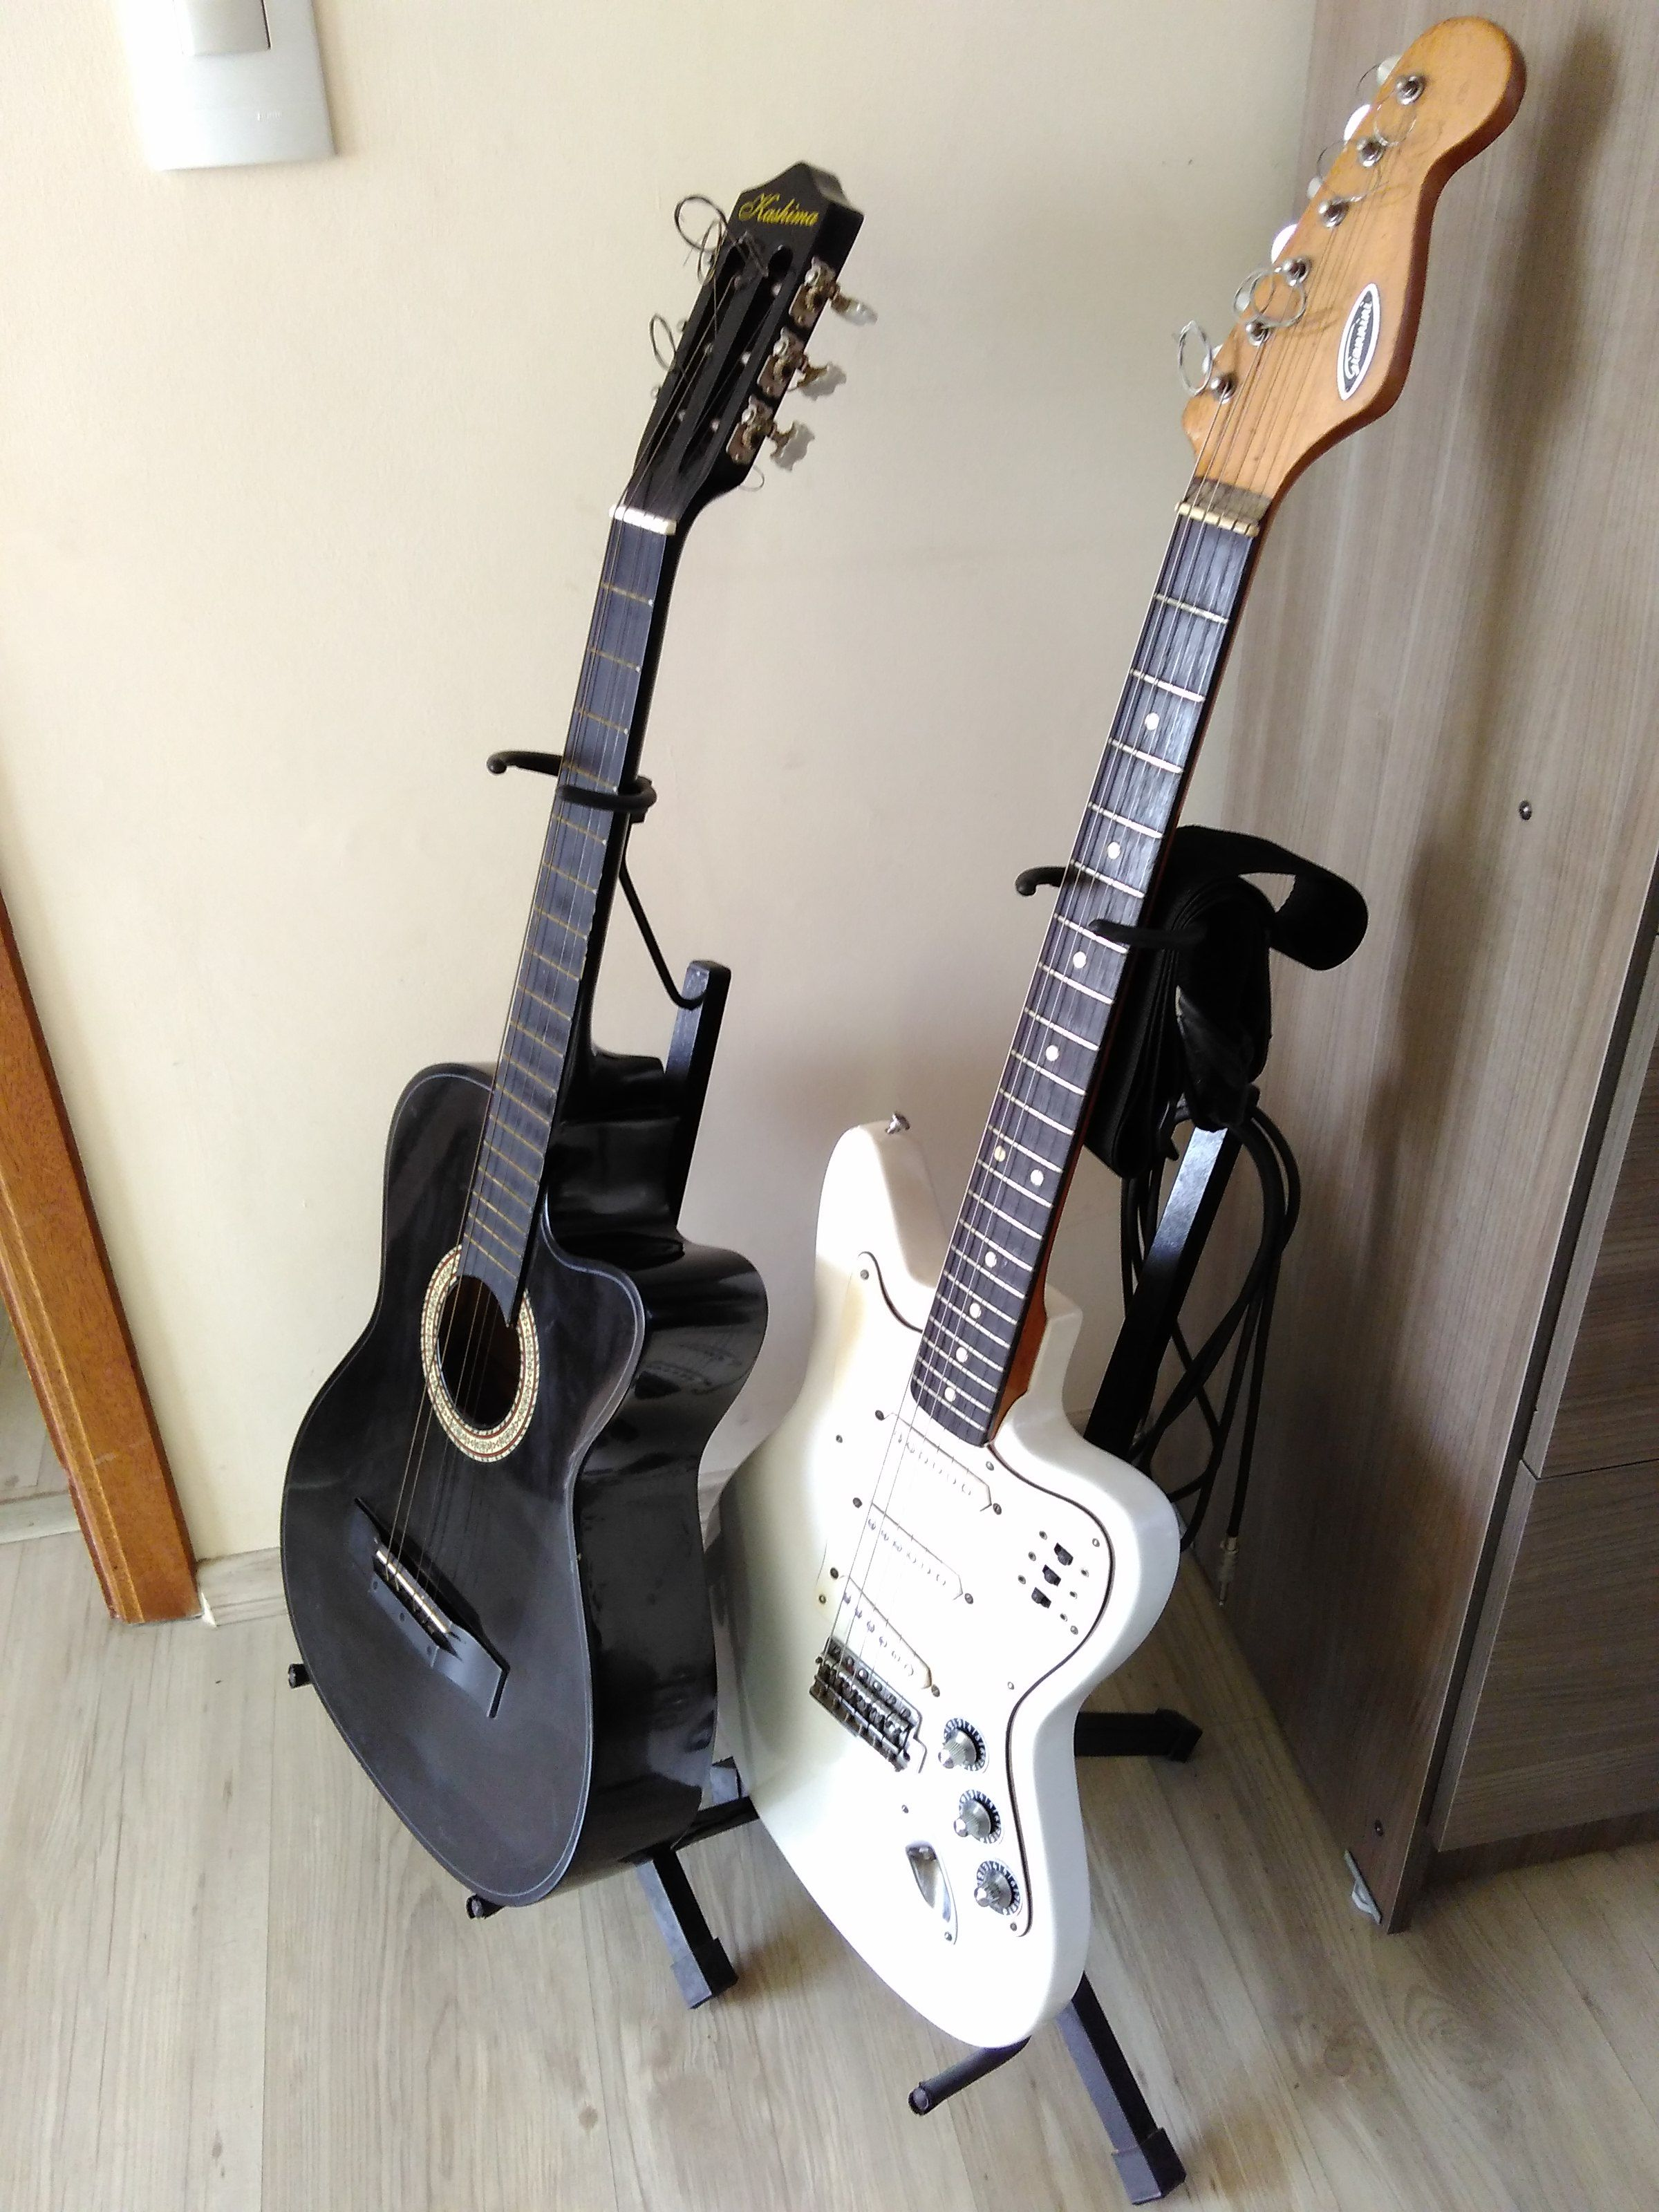 Guitarra Giannini Super Sonic Da Decada De 70 Reliquia